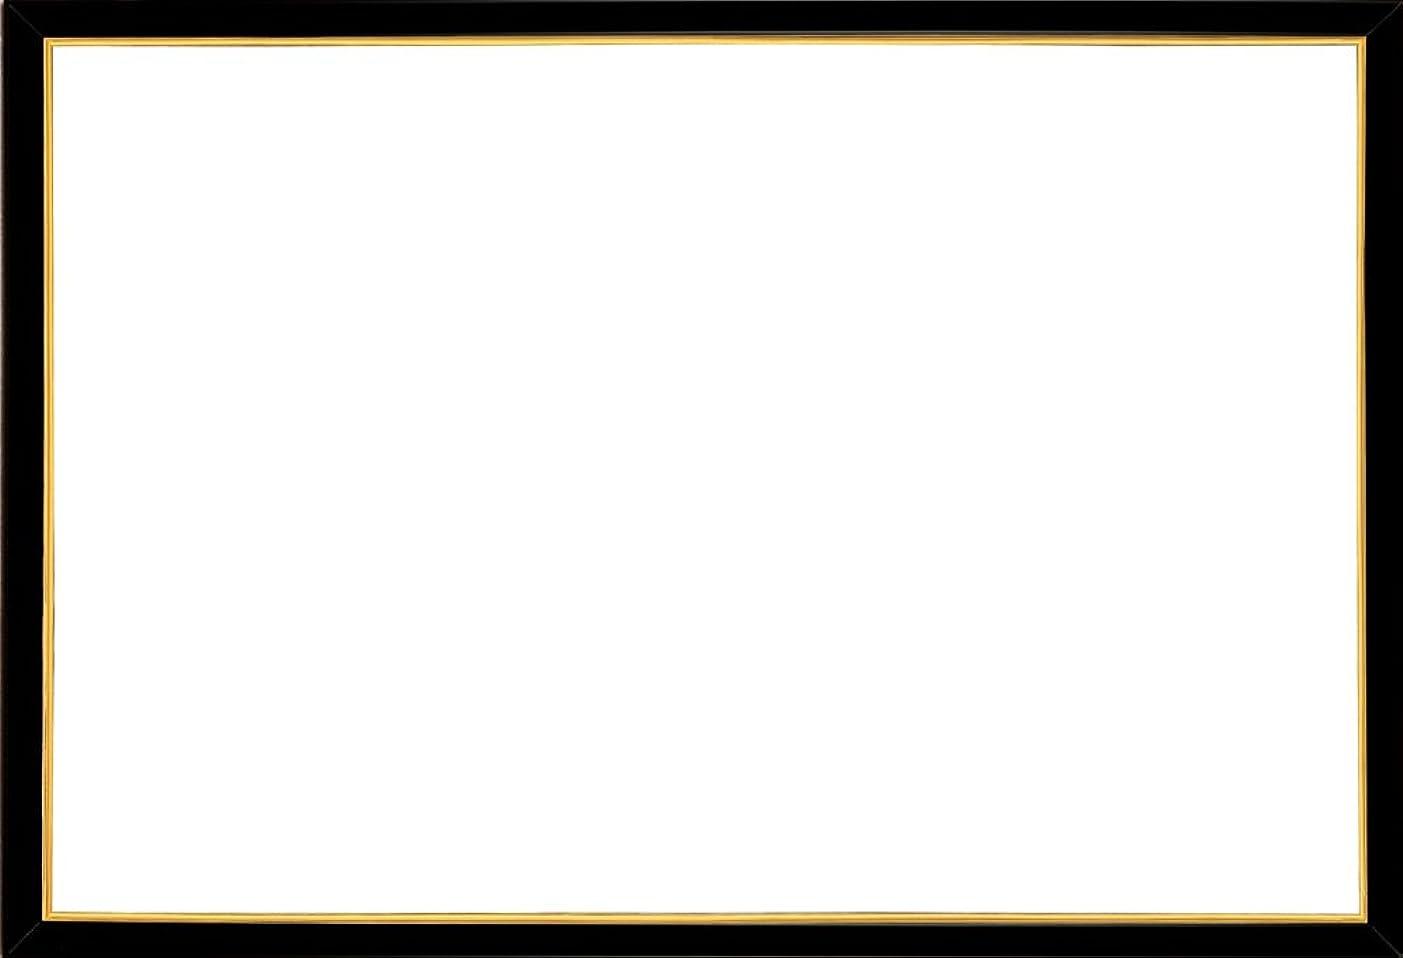 傾斜ライムエンディングアルミ製パズルフレーム パネルマックス ブラック (26x38cm)